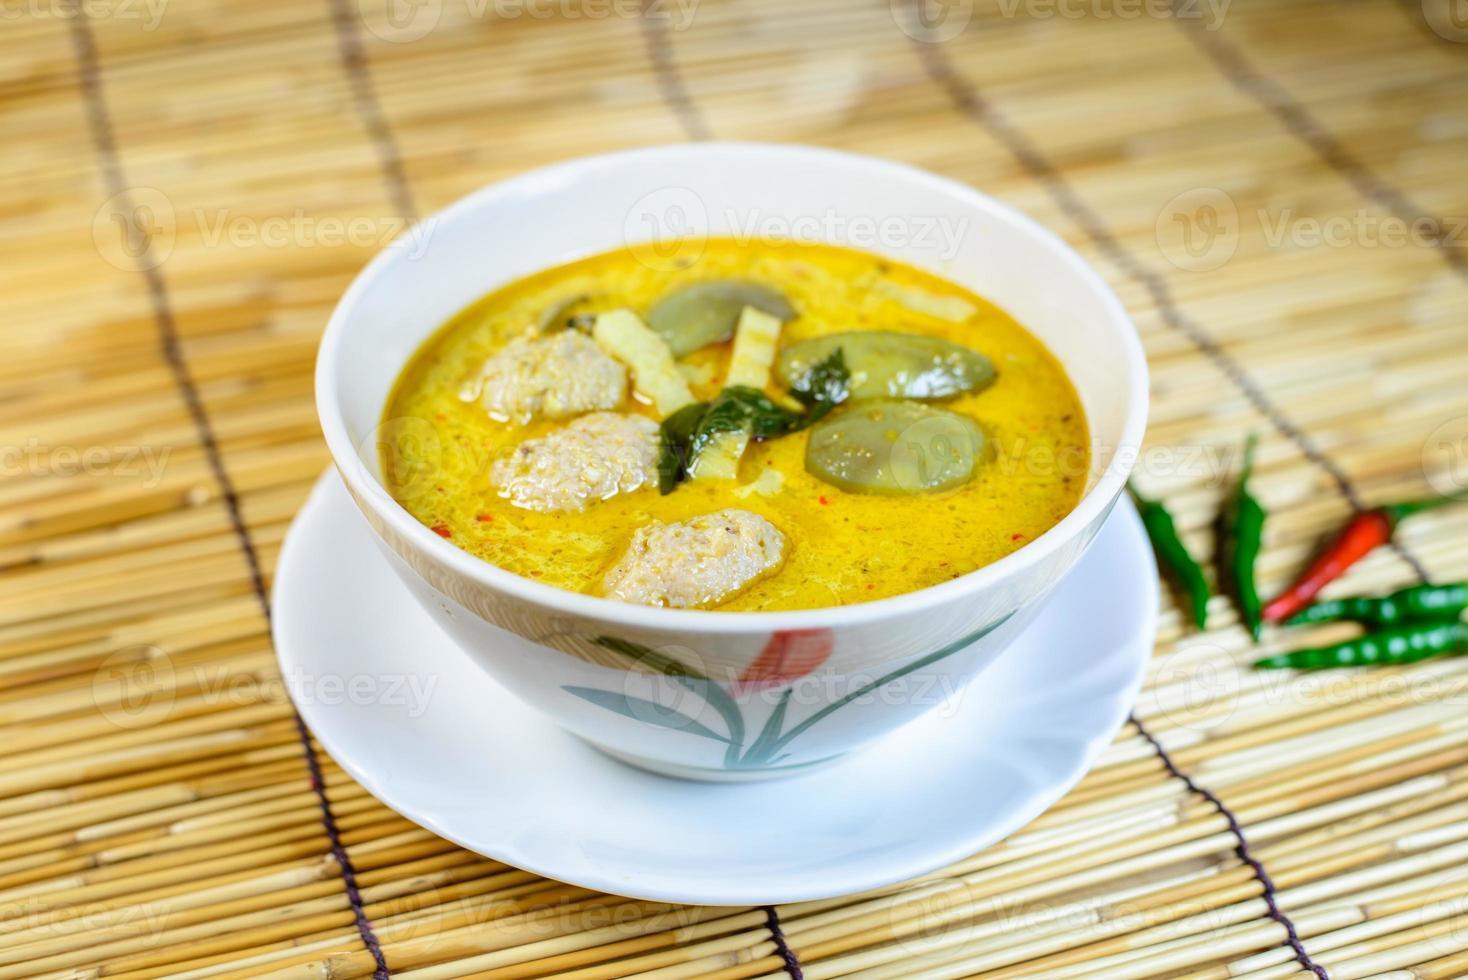 bola de cerdo verde al curry, cocina tailandesa foto